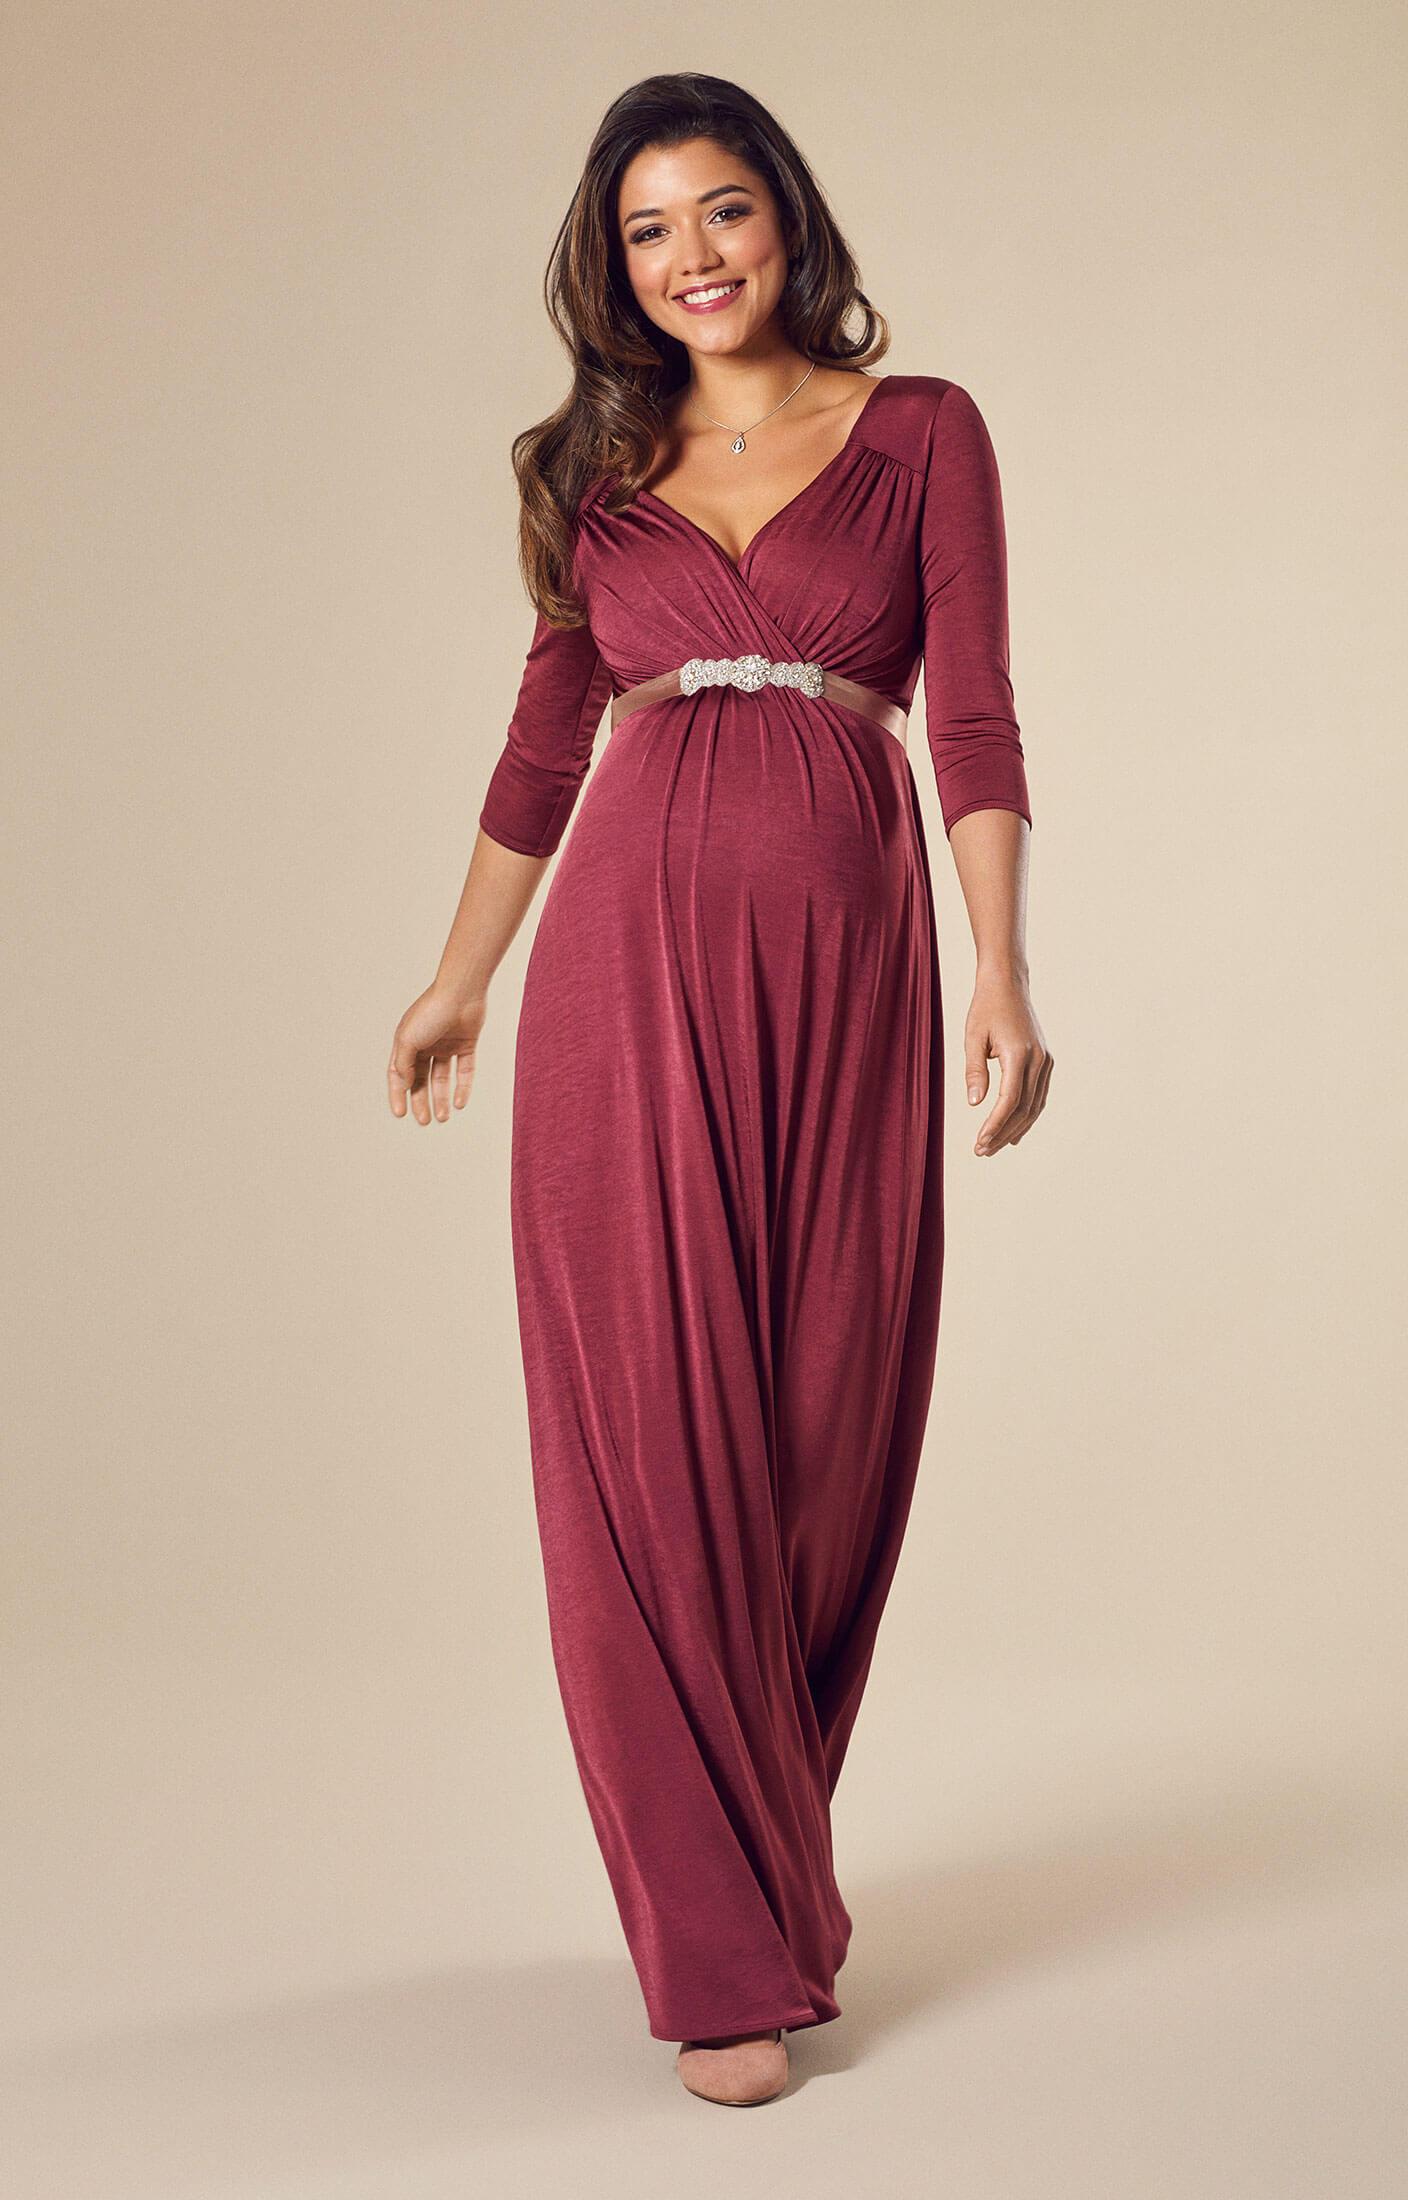 robe de grossesse lexi longue rose pic robes de maternit de mari e tenues de maternit de. Black Bedroom Furniture Sets. Home Design Ideas